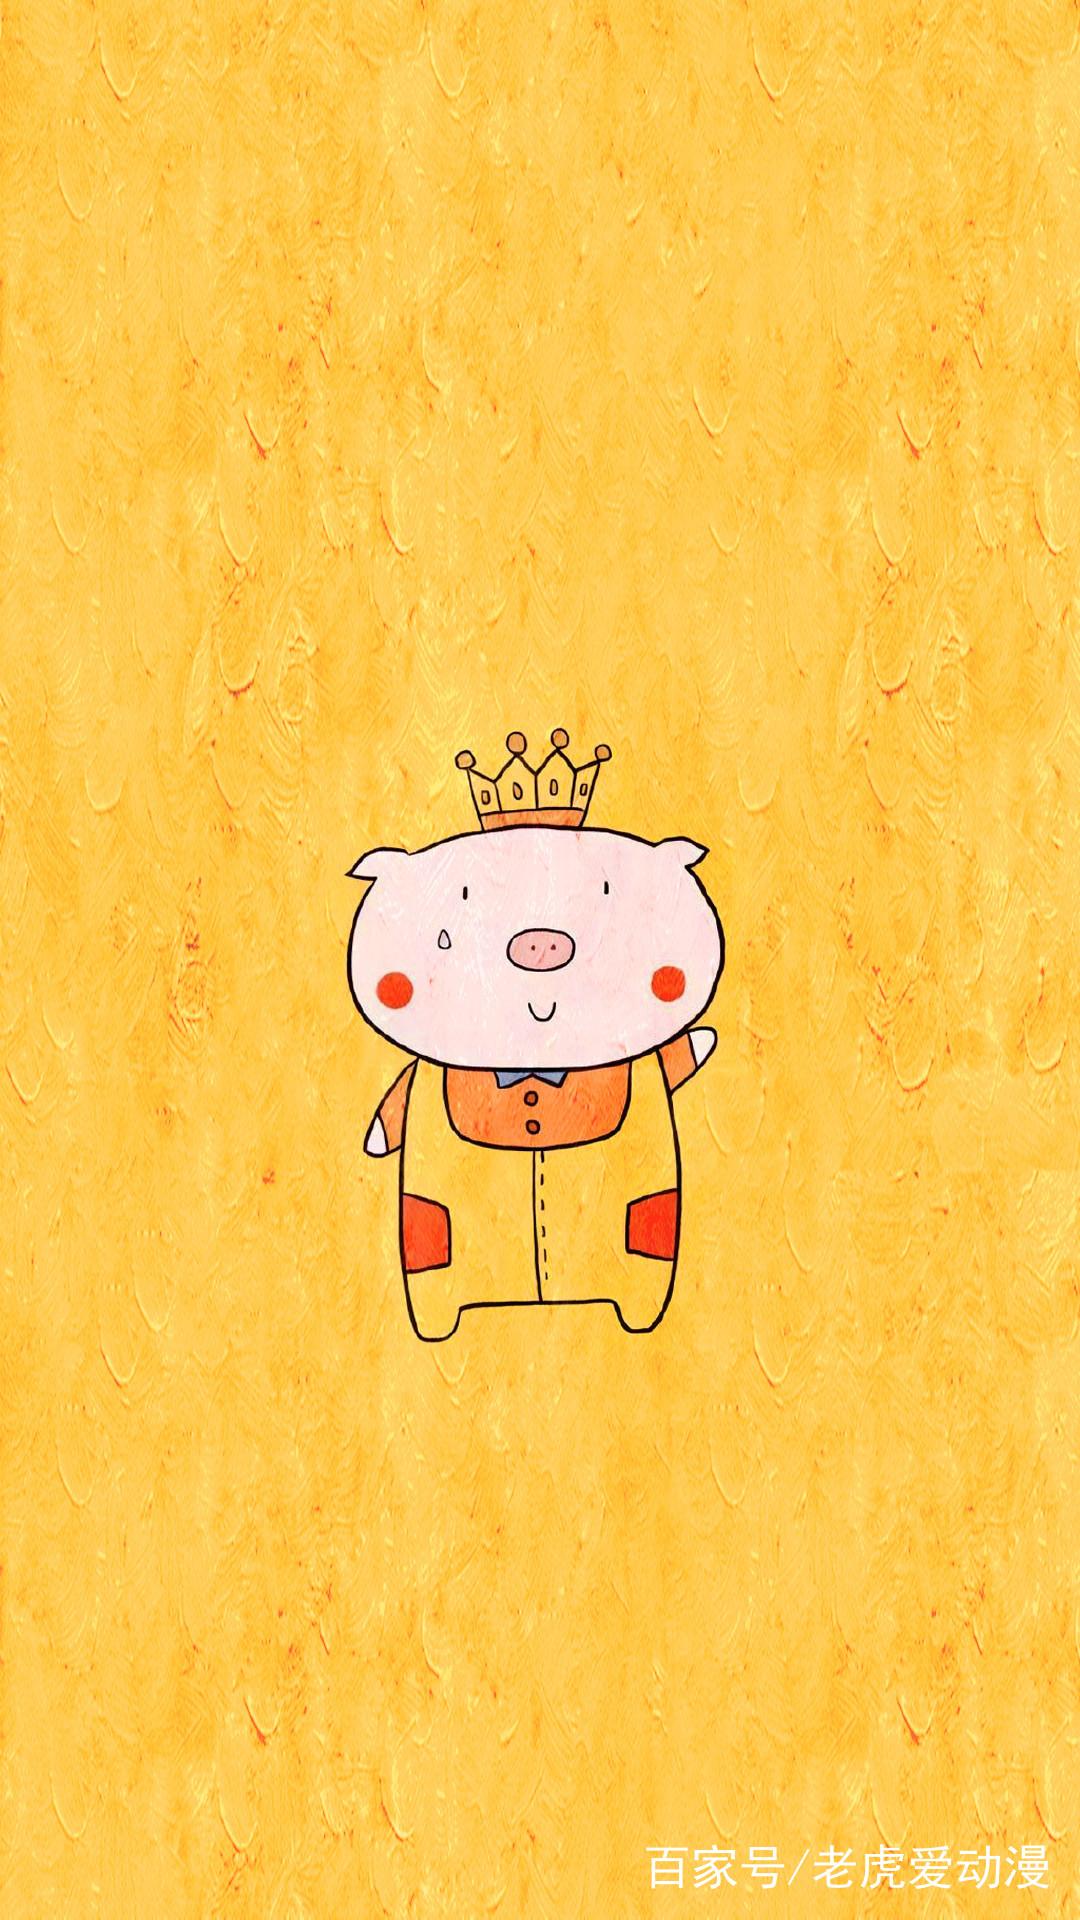 壁纸卡通猪头可爱图片 壁纸卡通猪头可爱图片分享